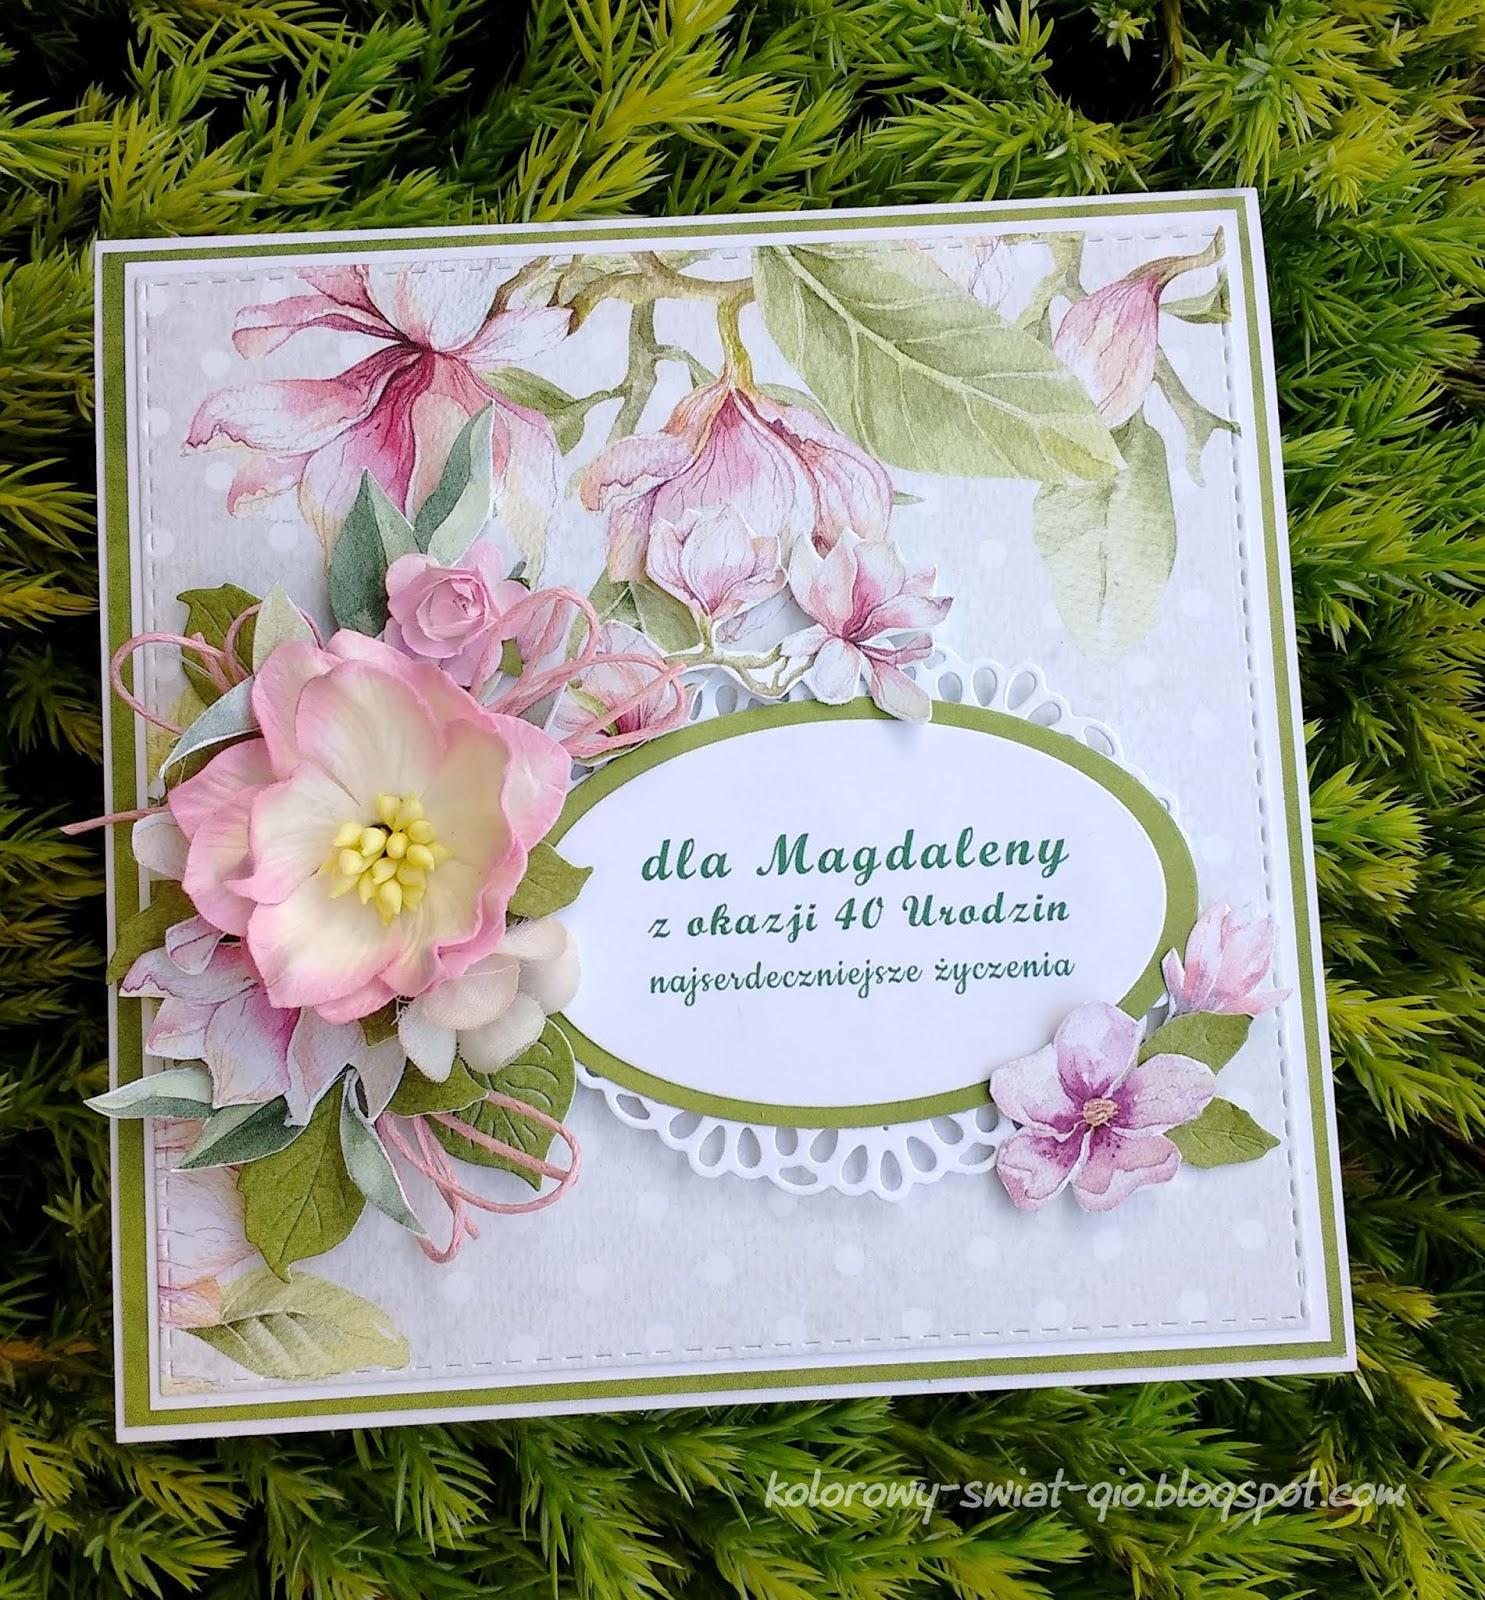 Gio Blog Z Kwiatami Na 40 Urodziny